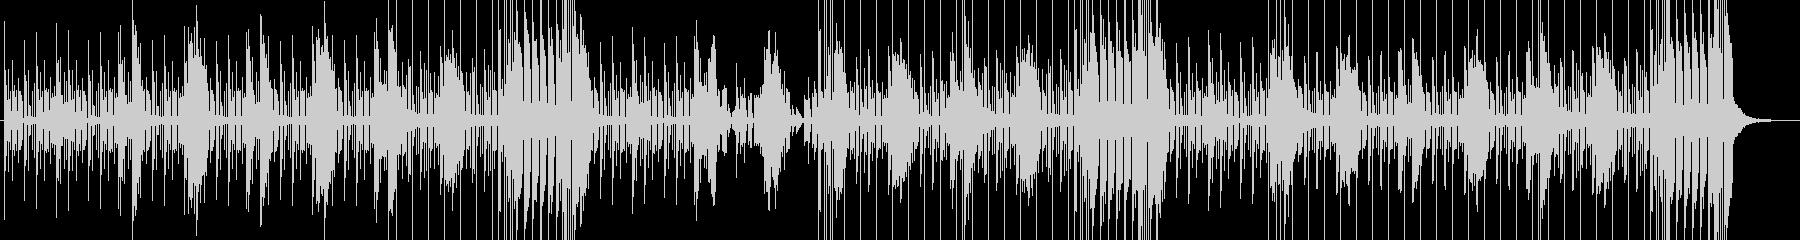 クールな製品紹介に、ヒップホップ風BGMの未再生の波形